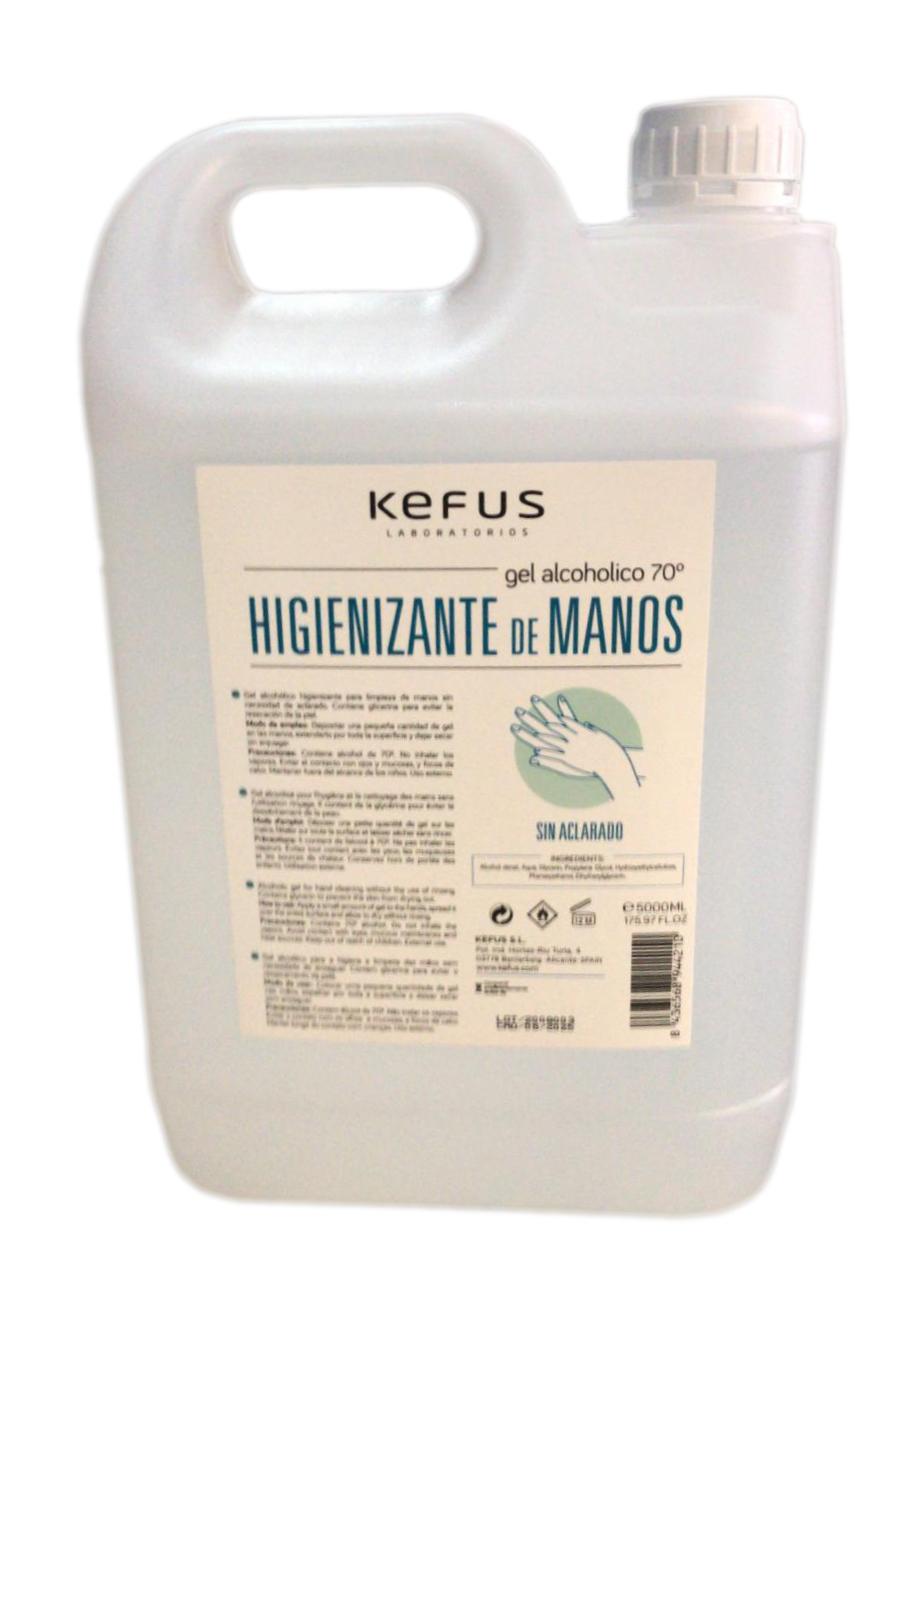 HIGIENIZANTE DE MANOS KEFUS 5L